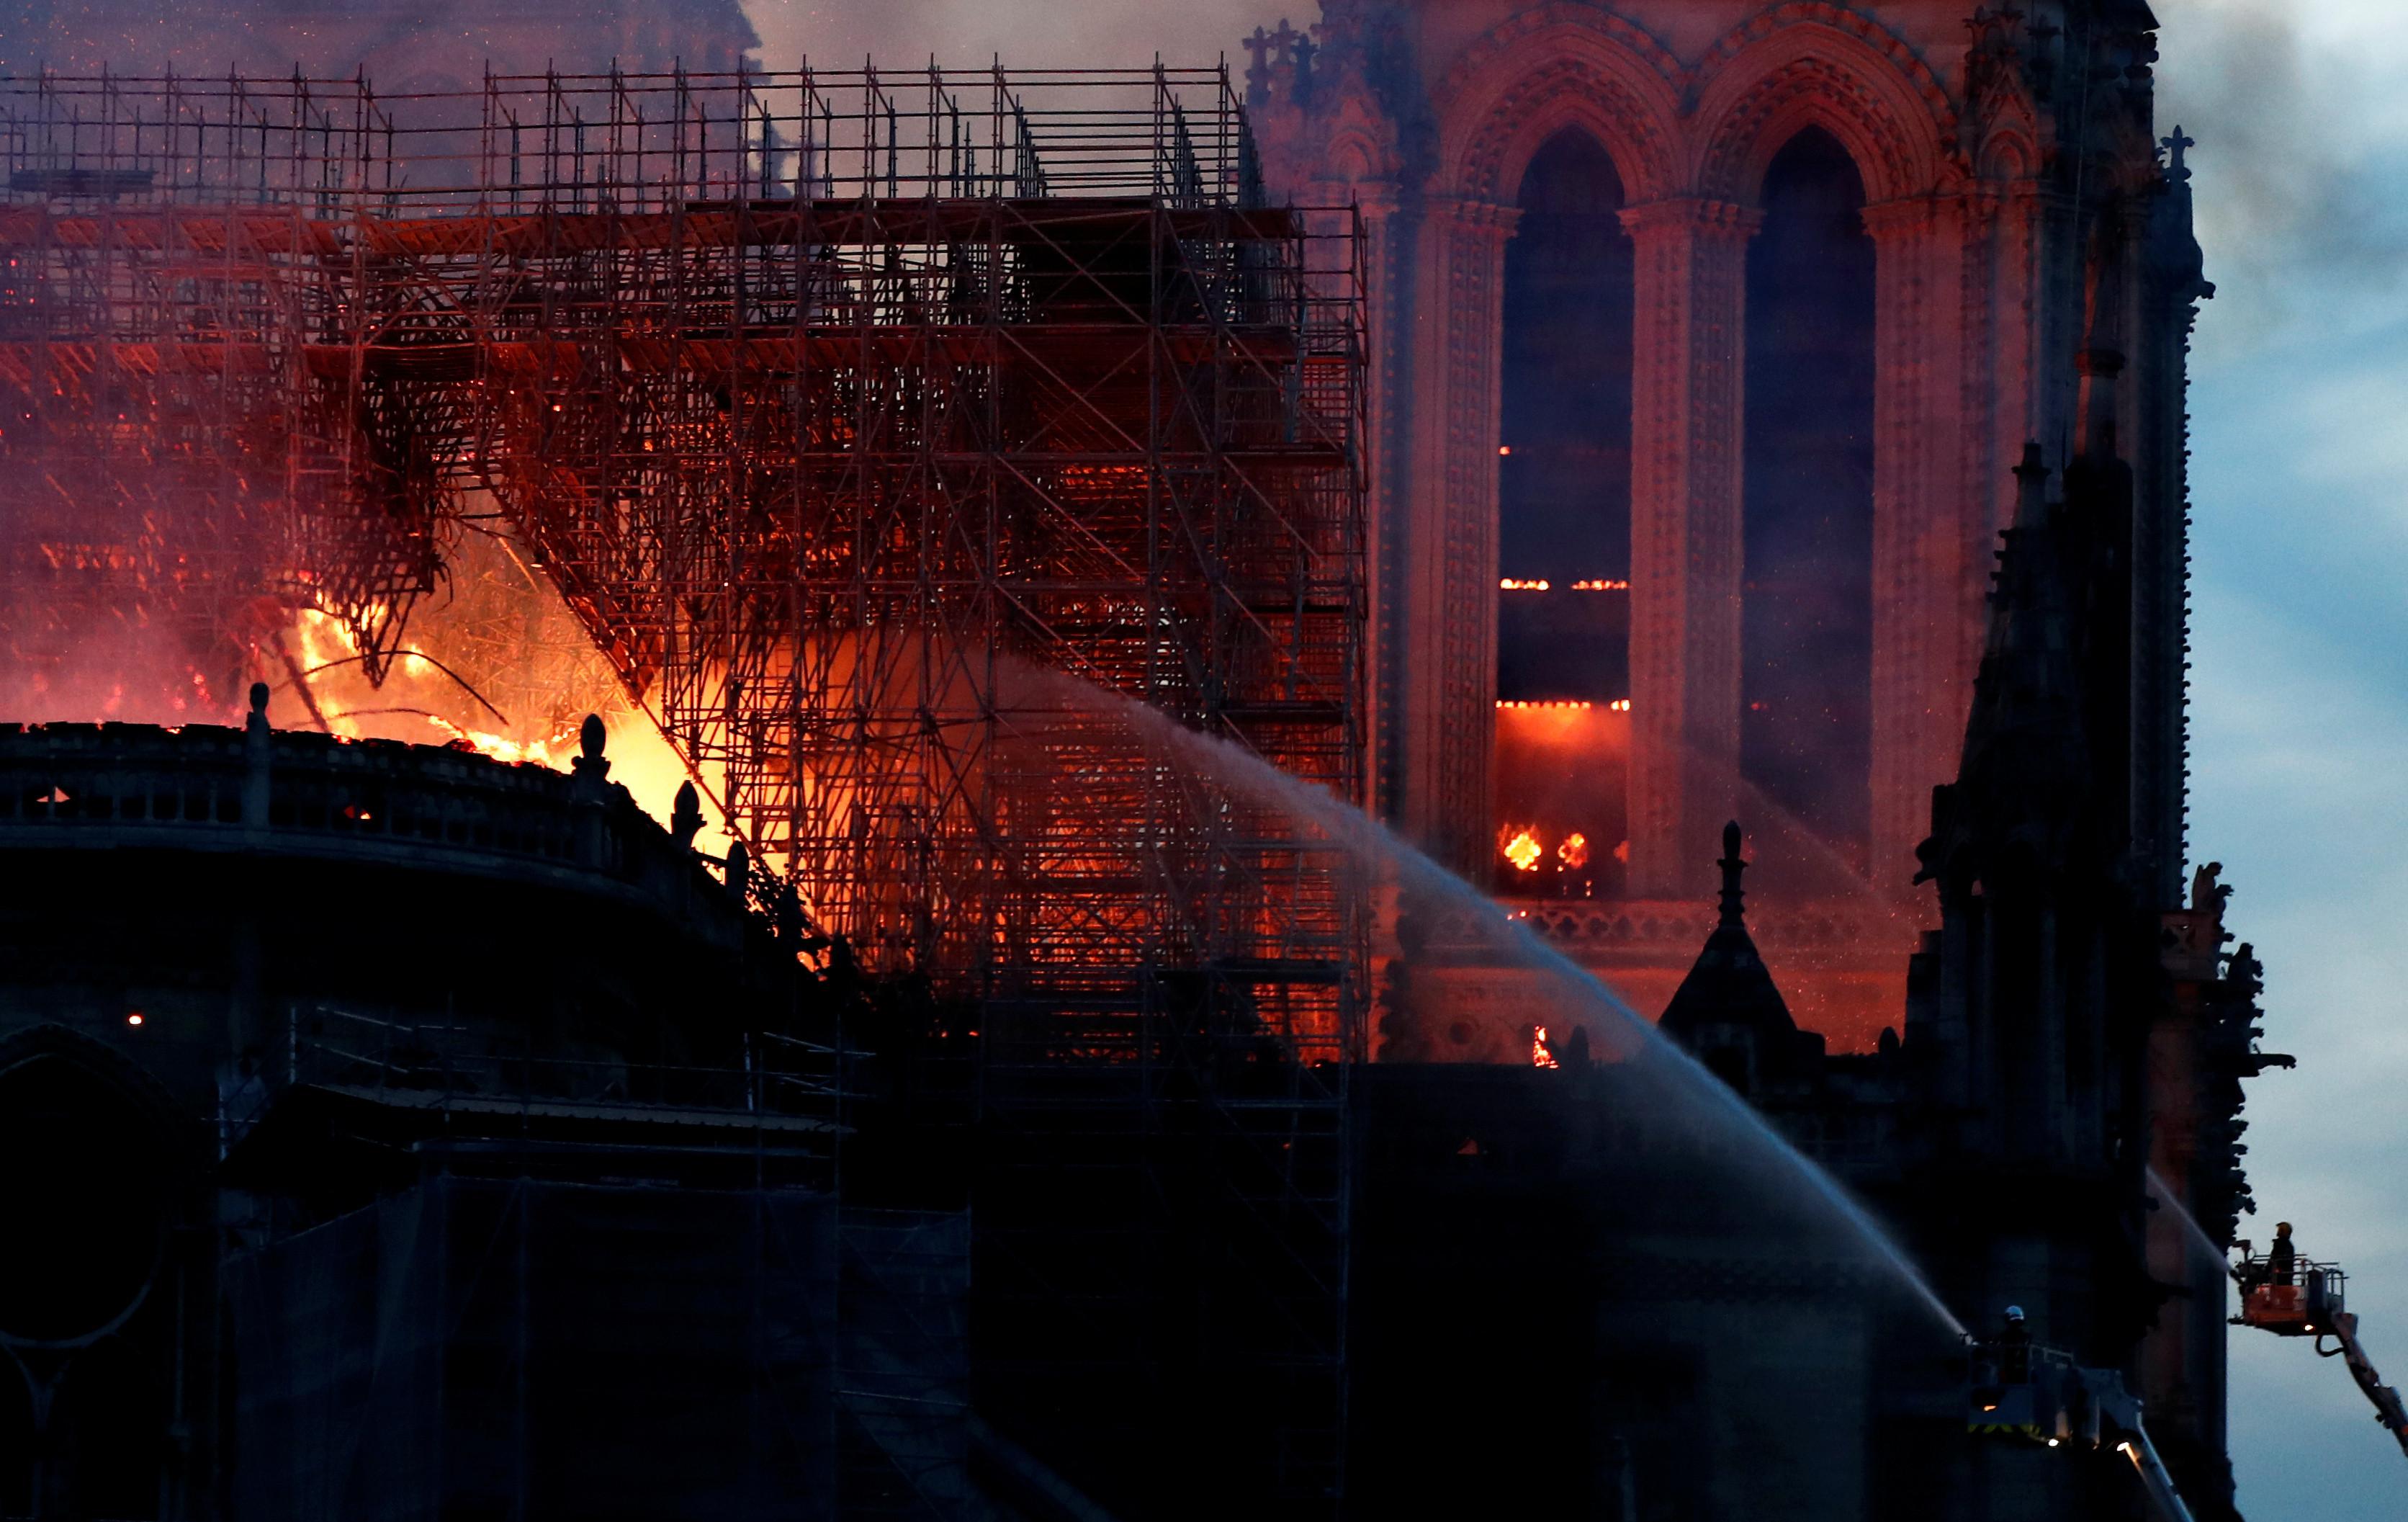 Apagar chamas por via aérea? Agência francesa responde a Trump